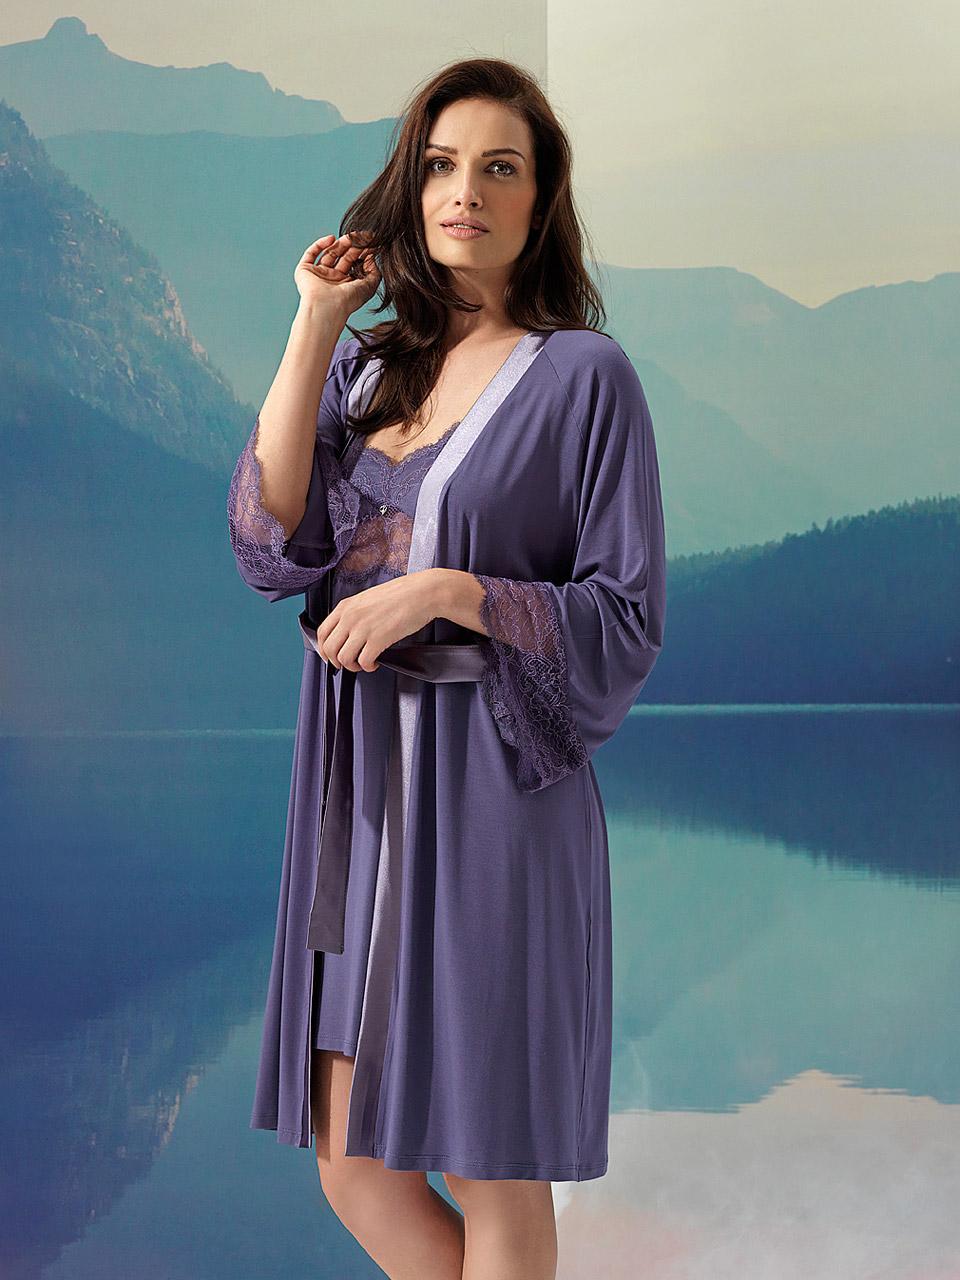 Luna 2970 Vestaglia<br />10 Ivory, 02 Black, 10 Violet